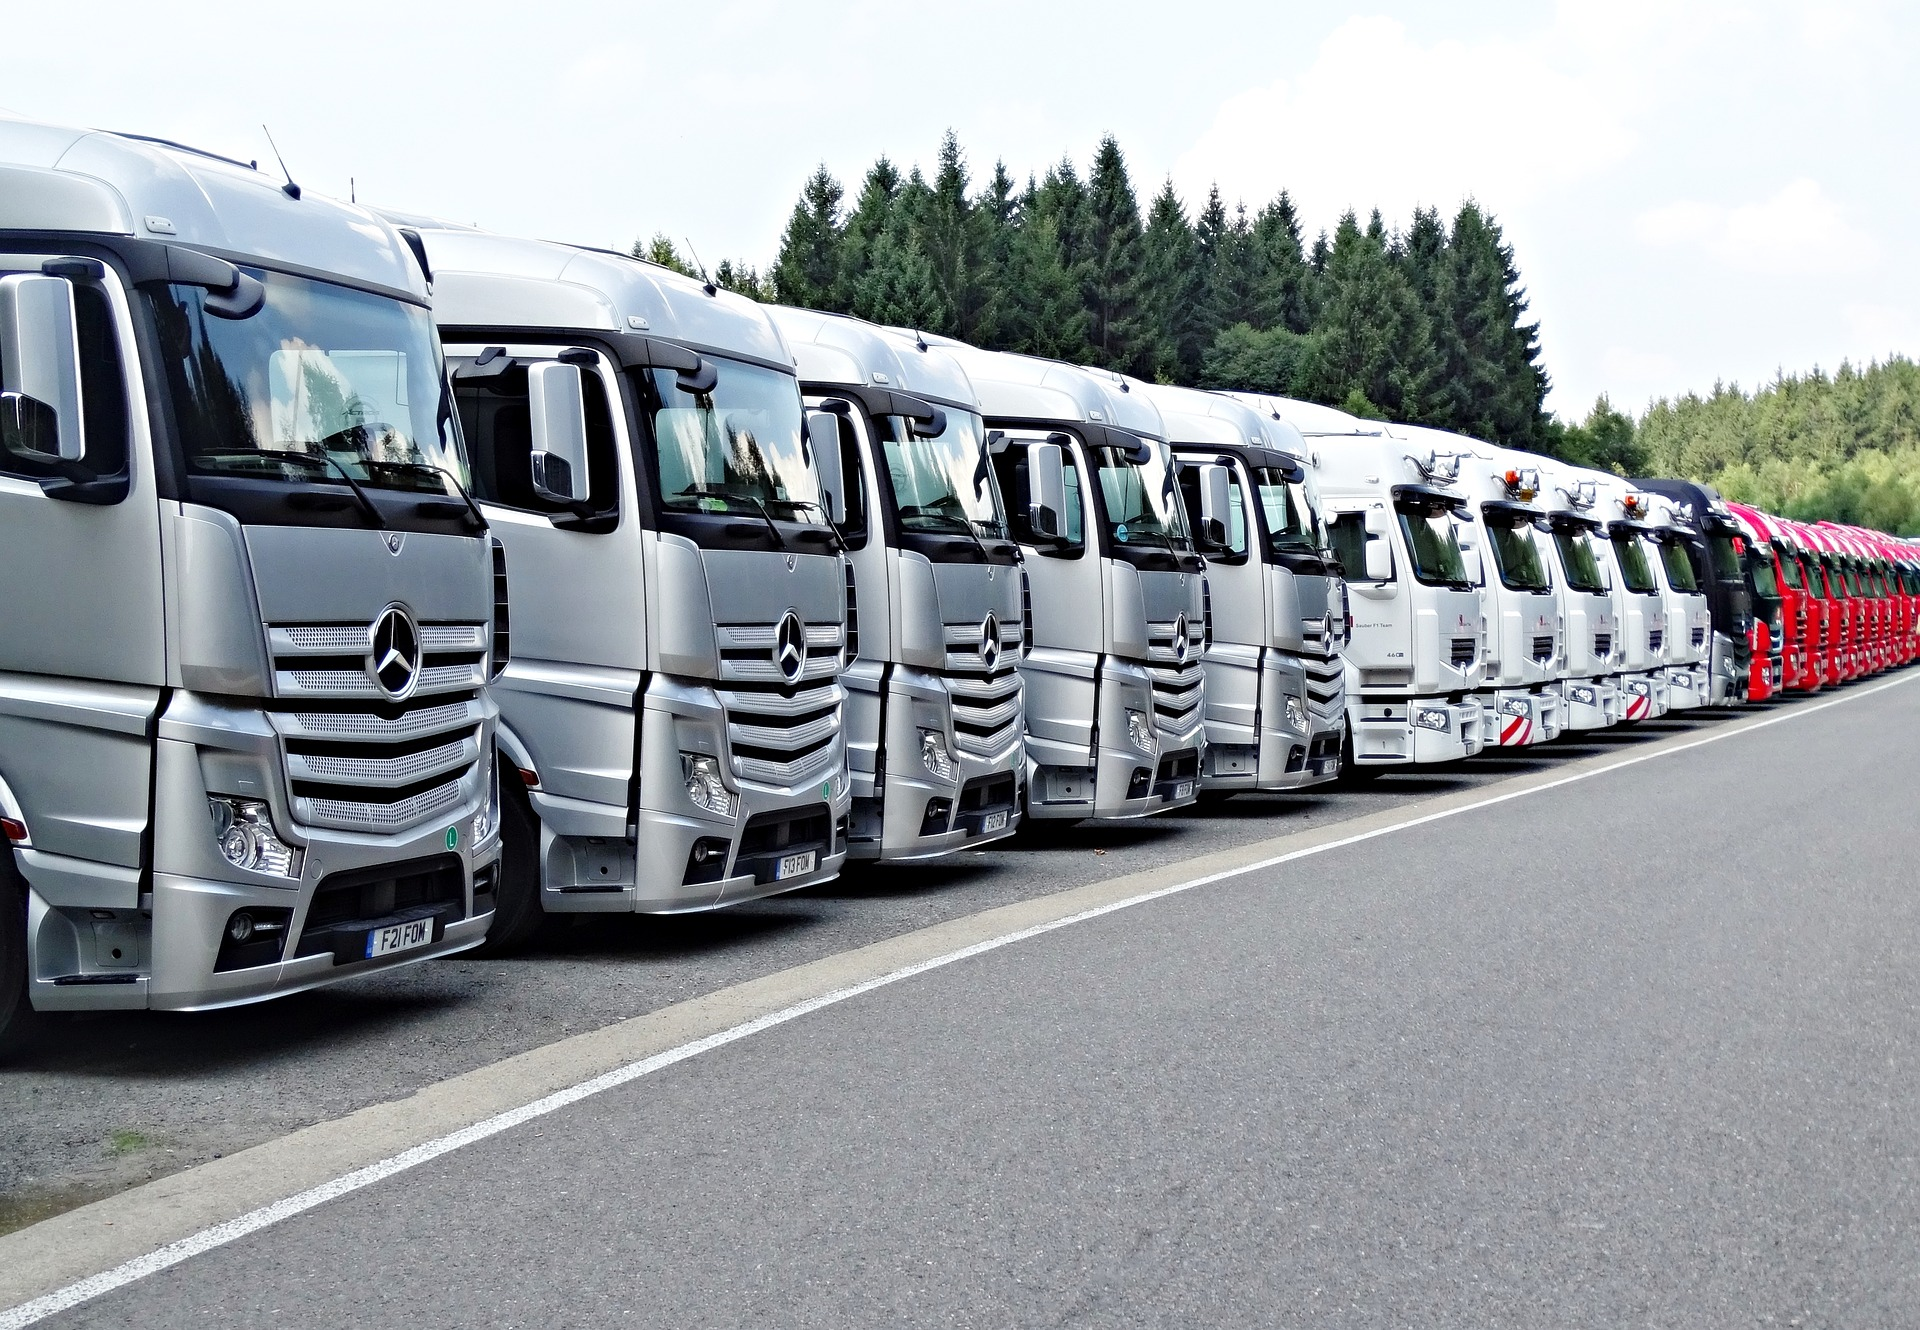 Sptkanie Transportowe w Katowicach, 25.04.2019